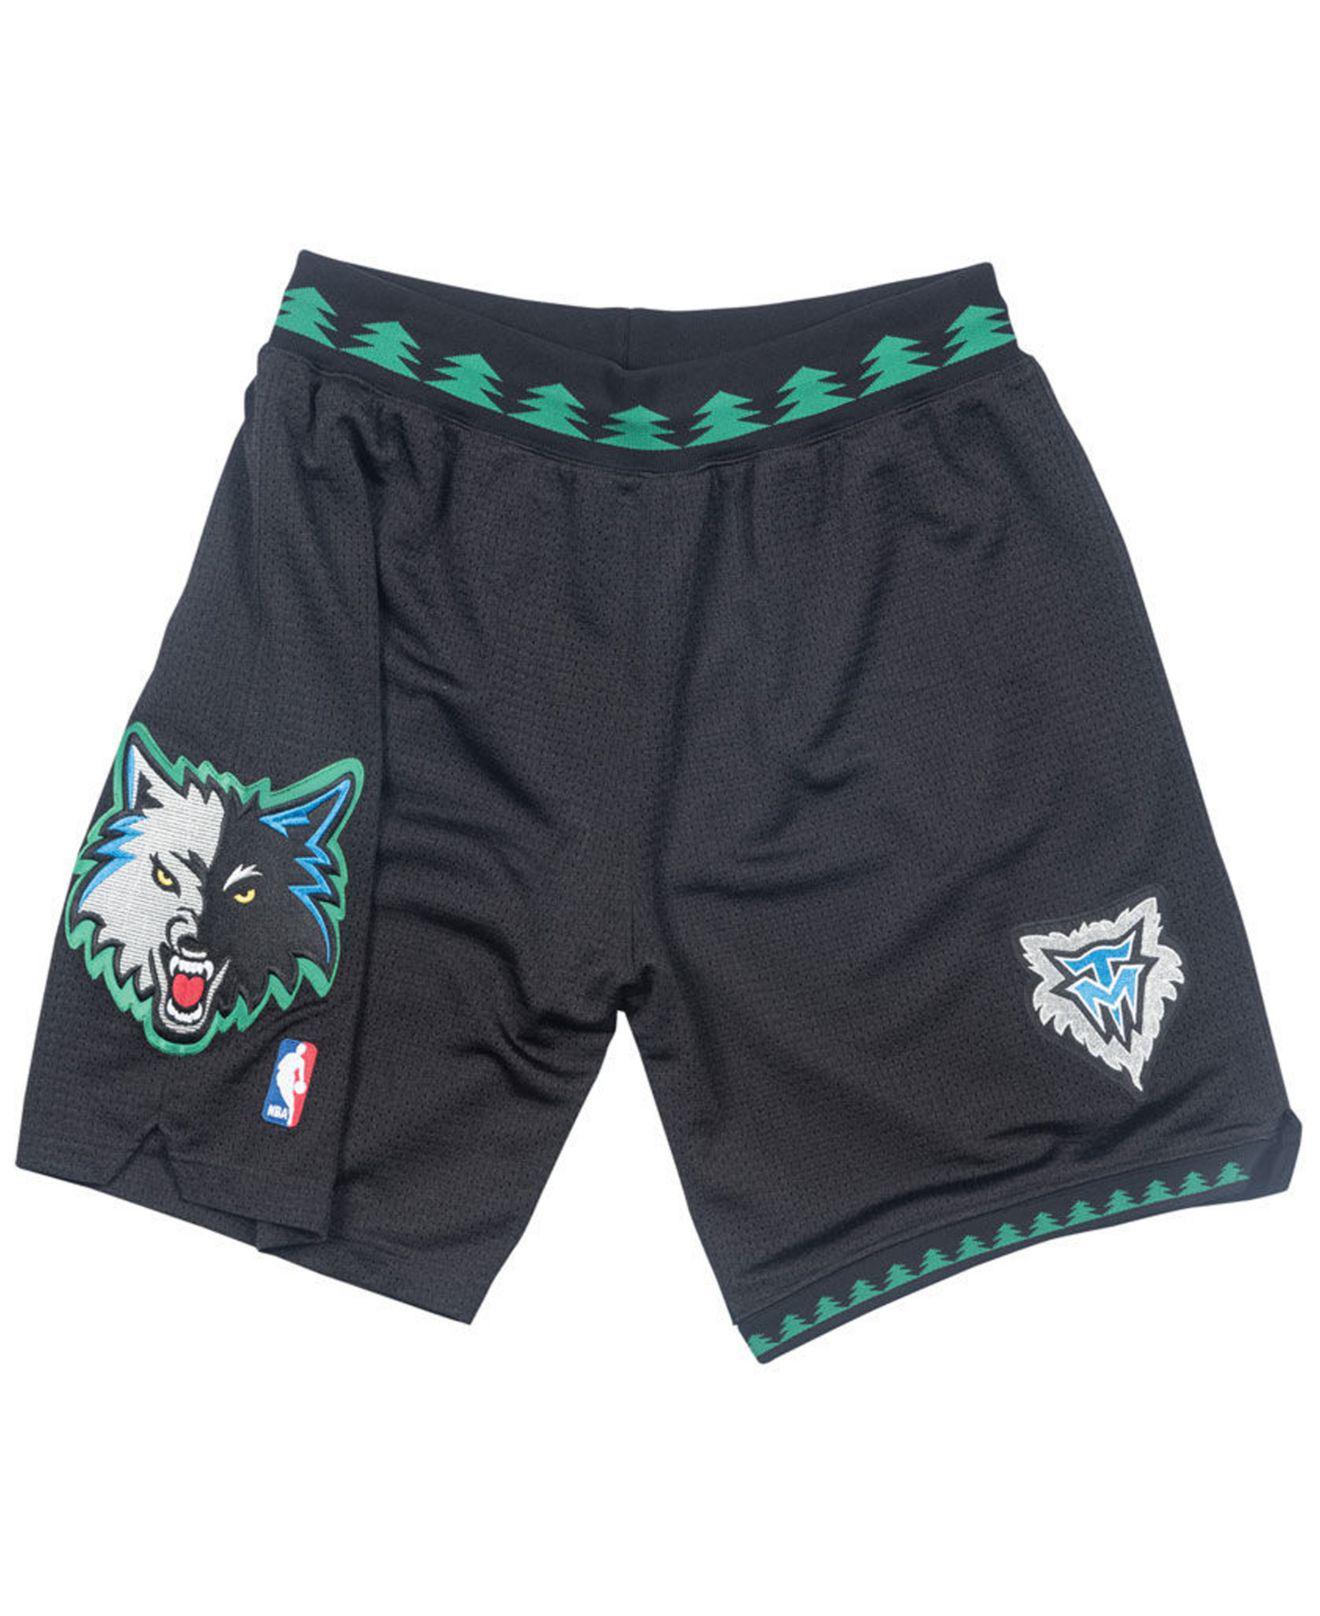 big sale e8292 32eb5 Men's Black Minnesota Timberwolves Authentic Nba Shorts